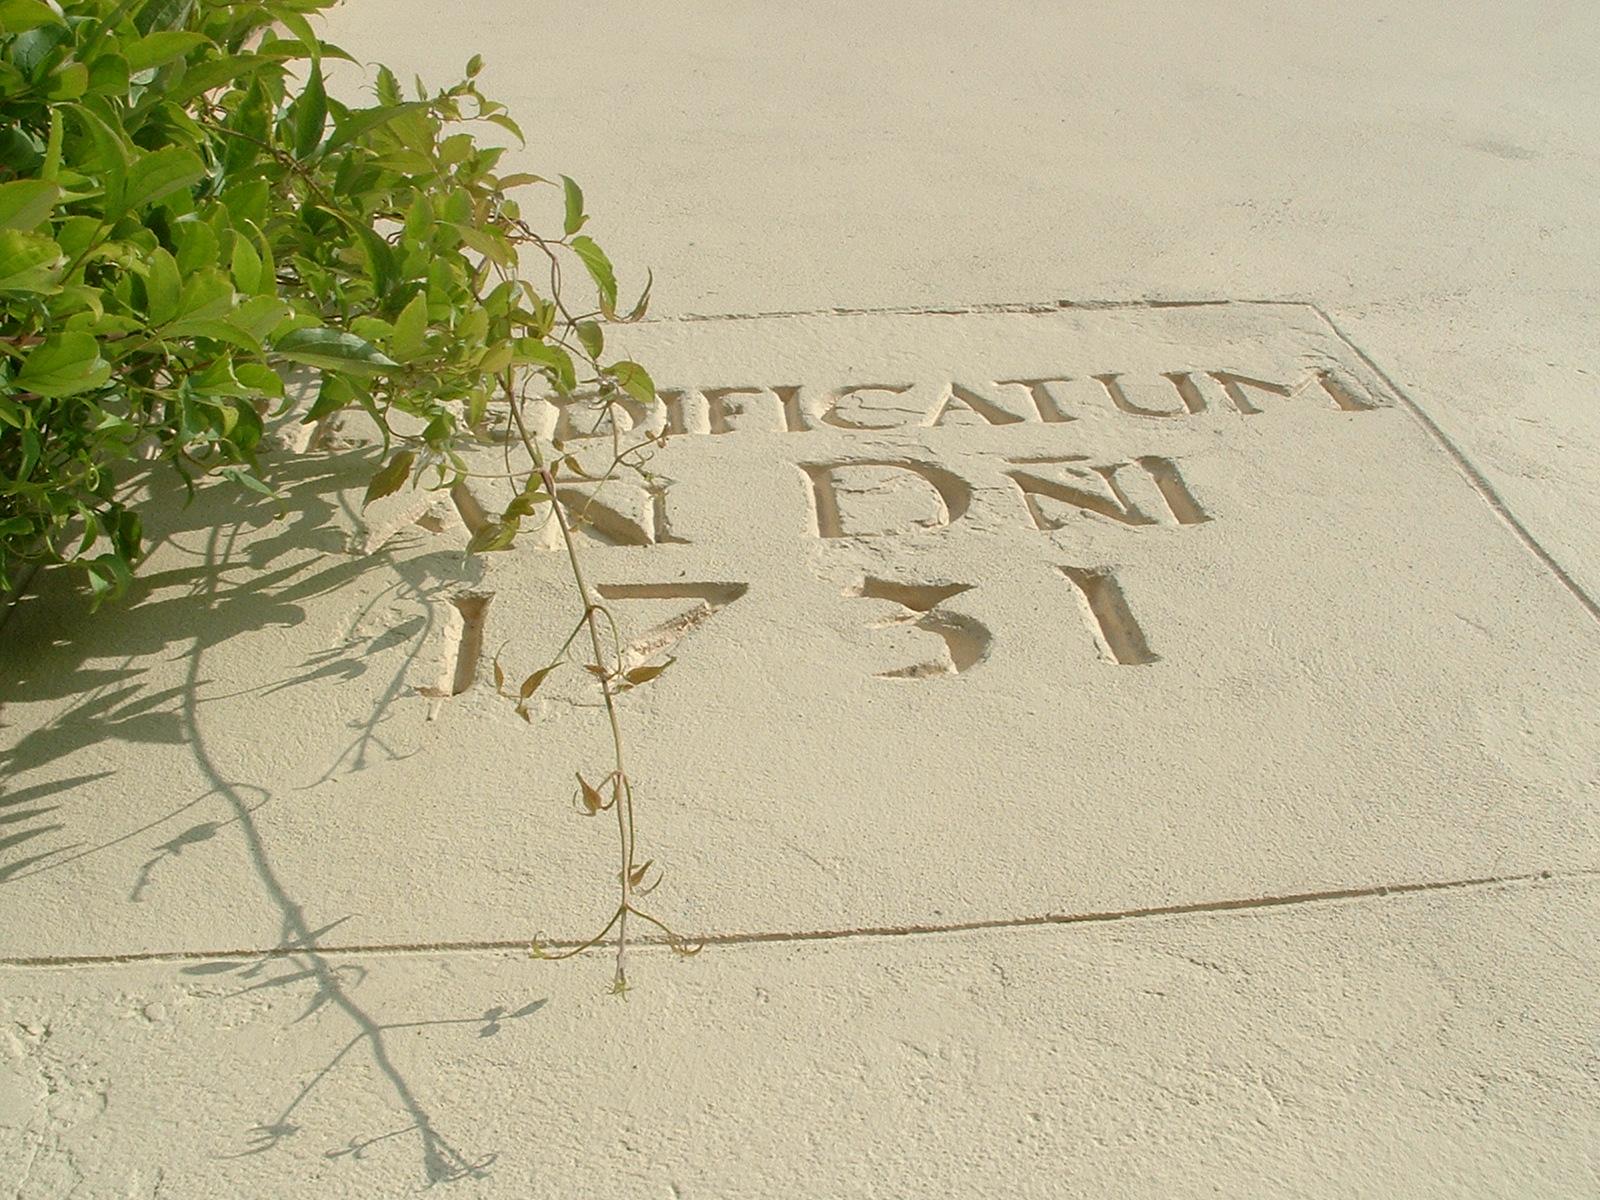 http://www.bitscherland.fr/Canton-de-Volmunster/Rimling/Images/Eglise/rimling-eglise-1731.JPG